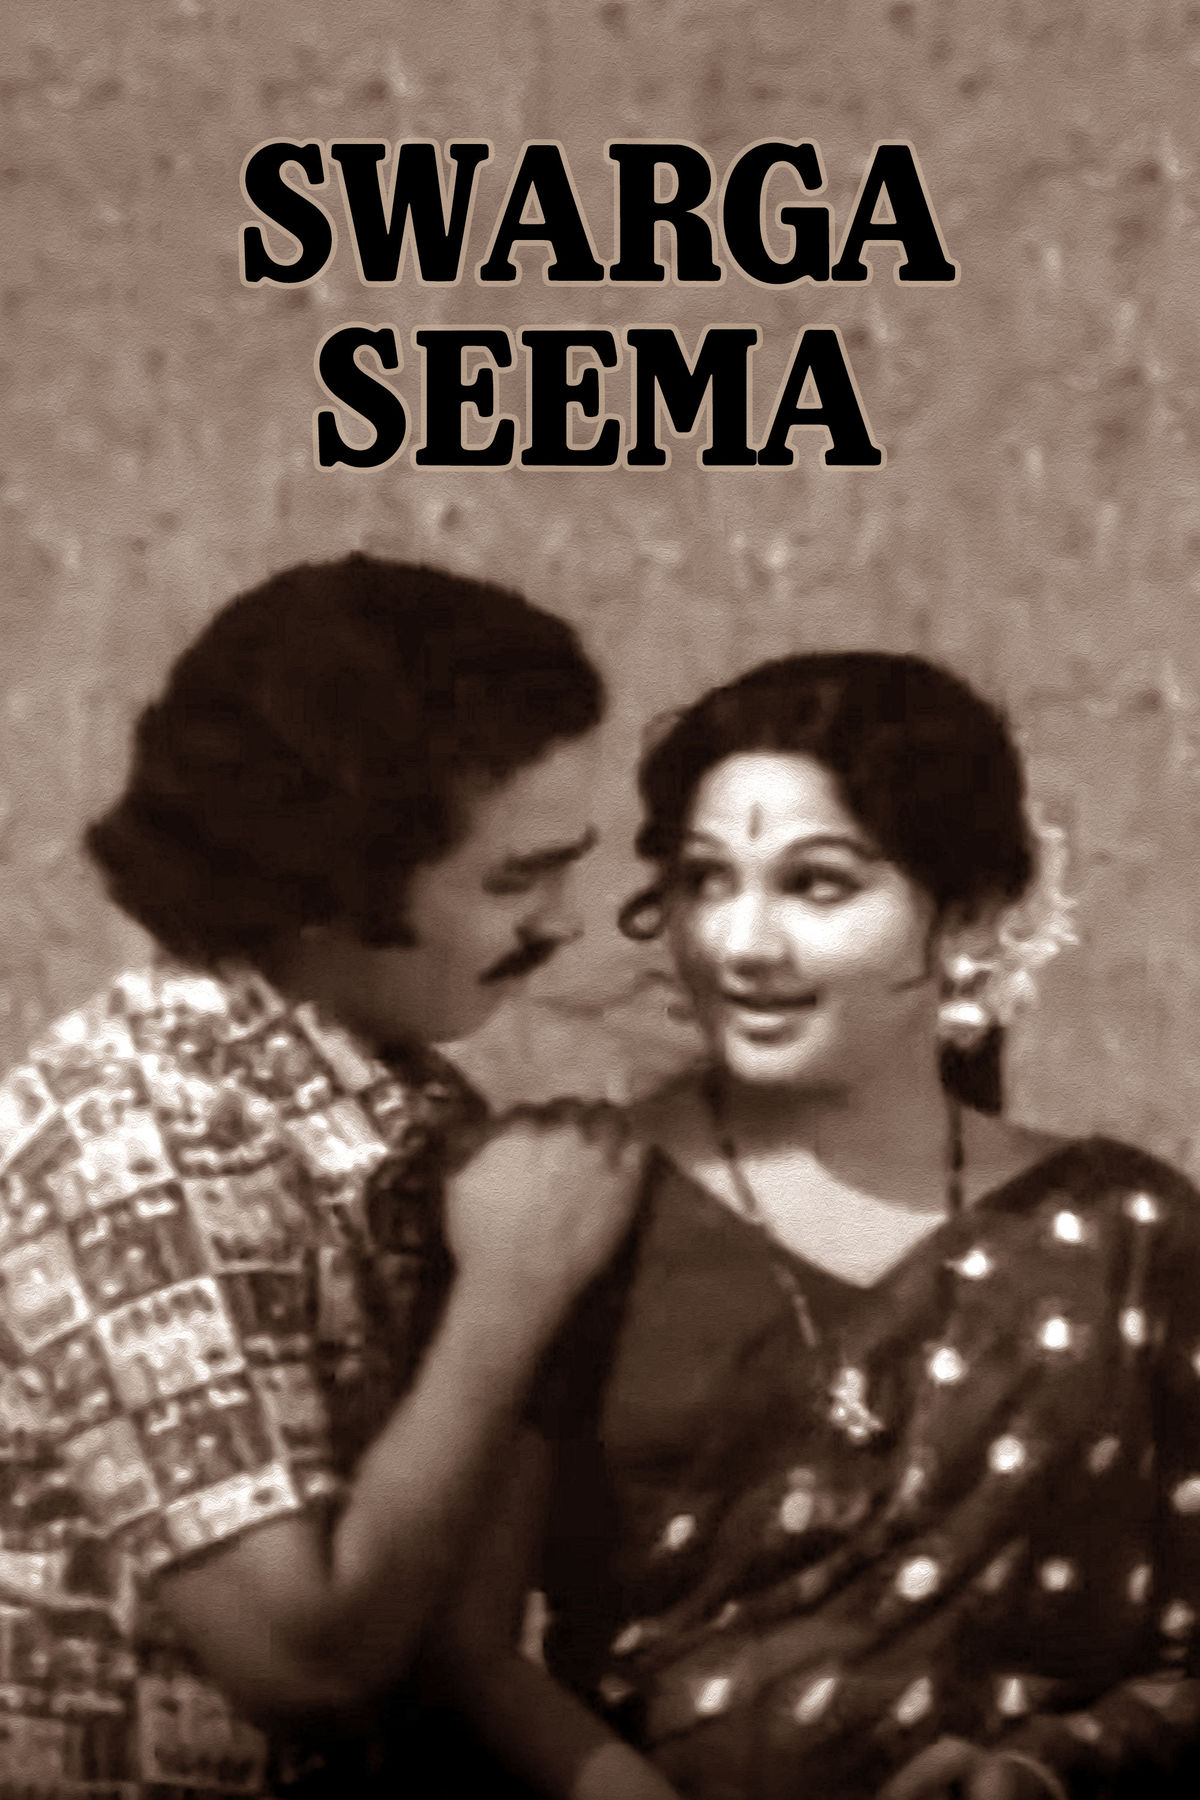 Swarga Seema - 1978